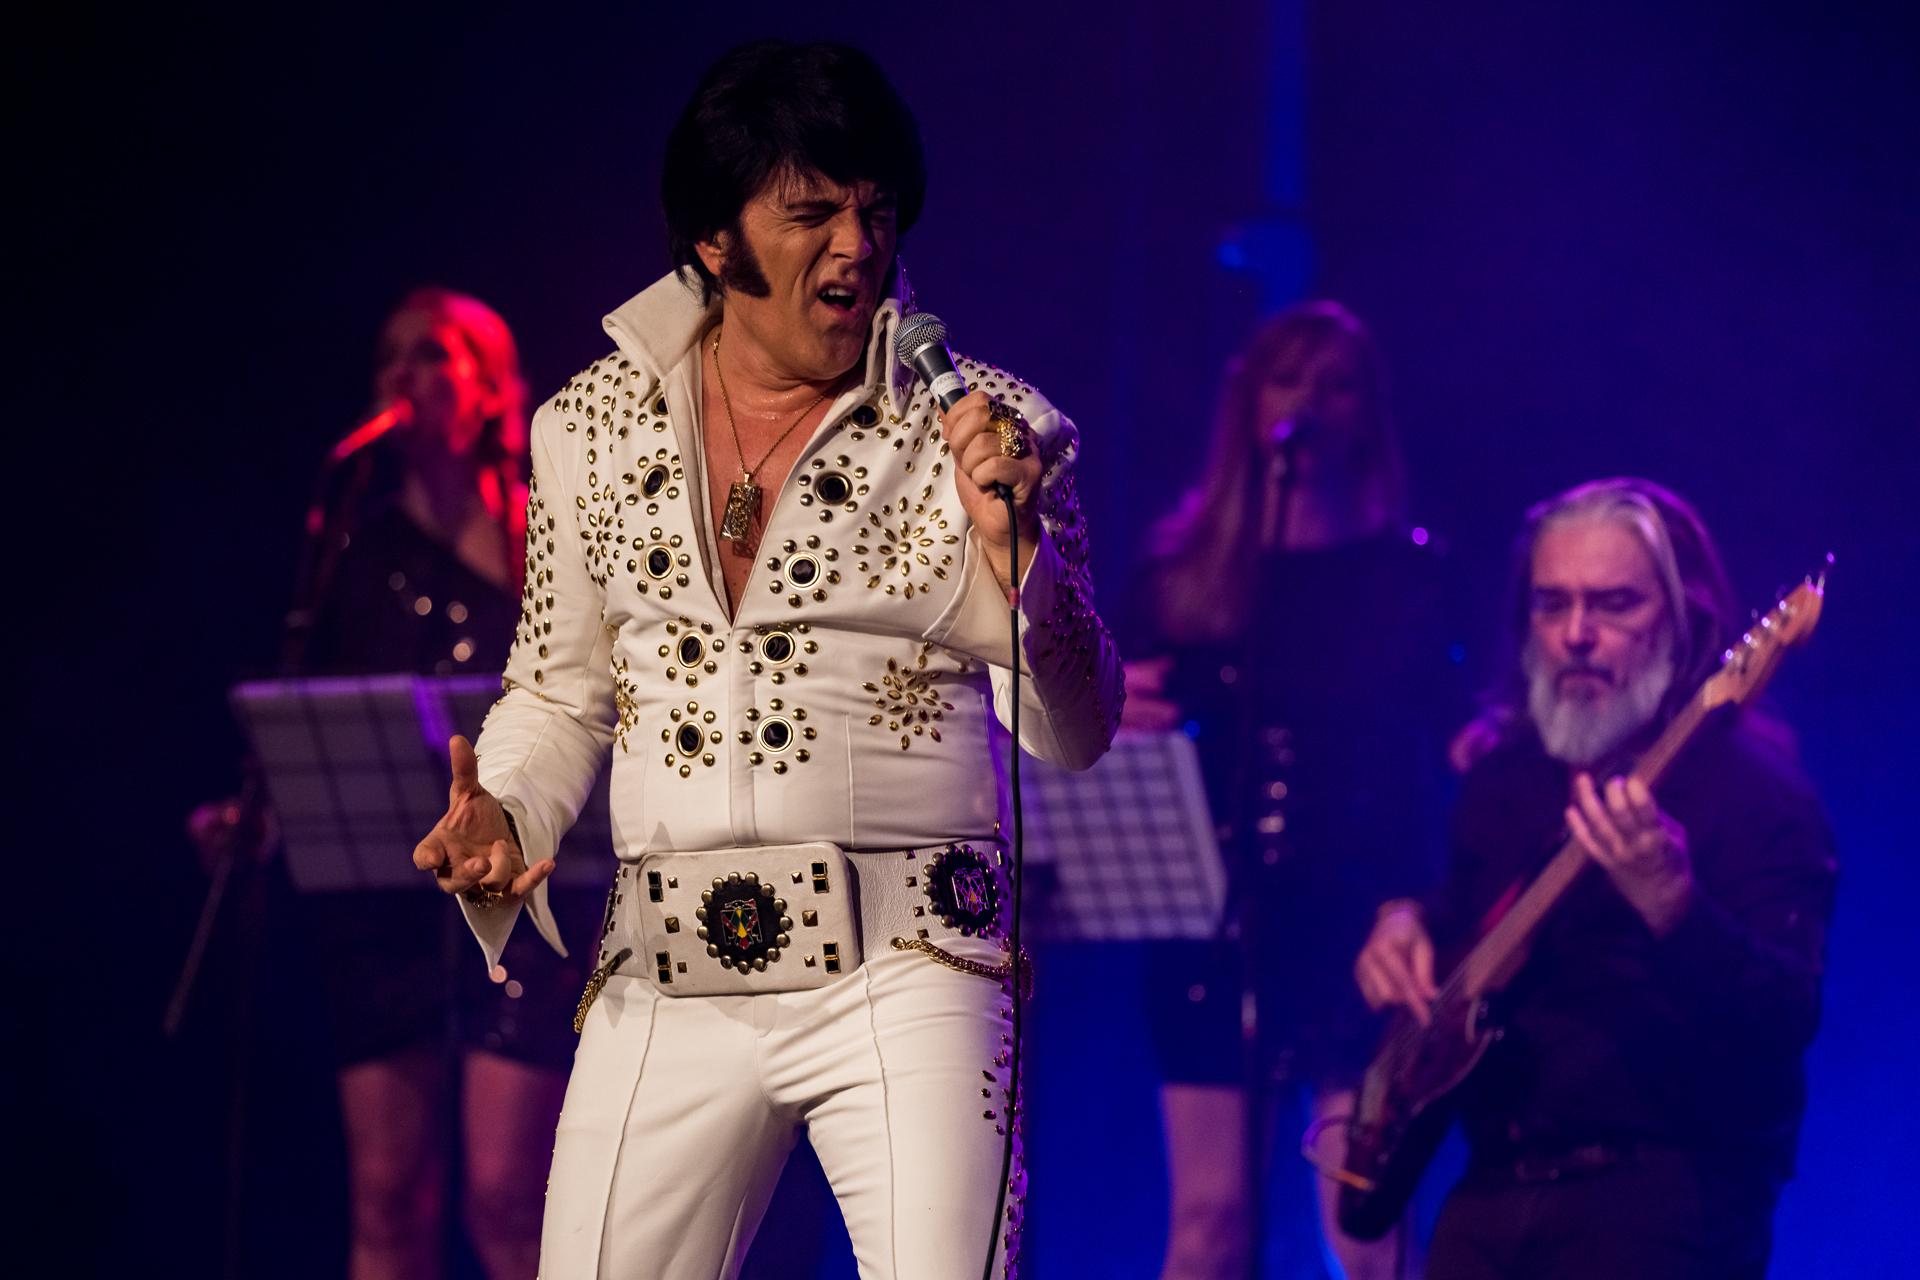 2020_01_14-we4show-Elvis-©-Luca-Vantusso-213758-GFXS2232